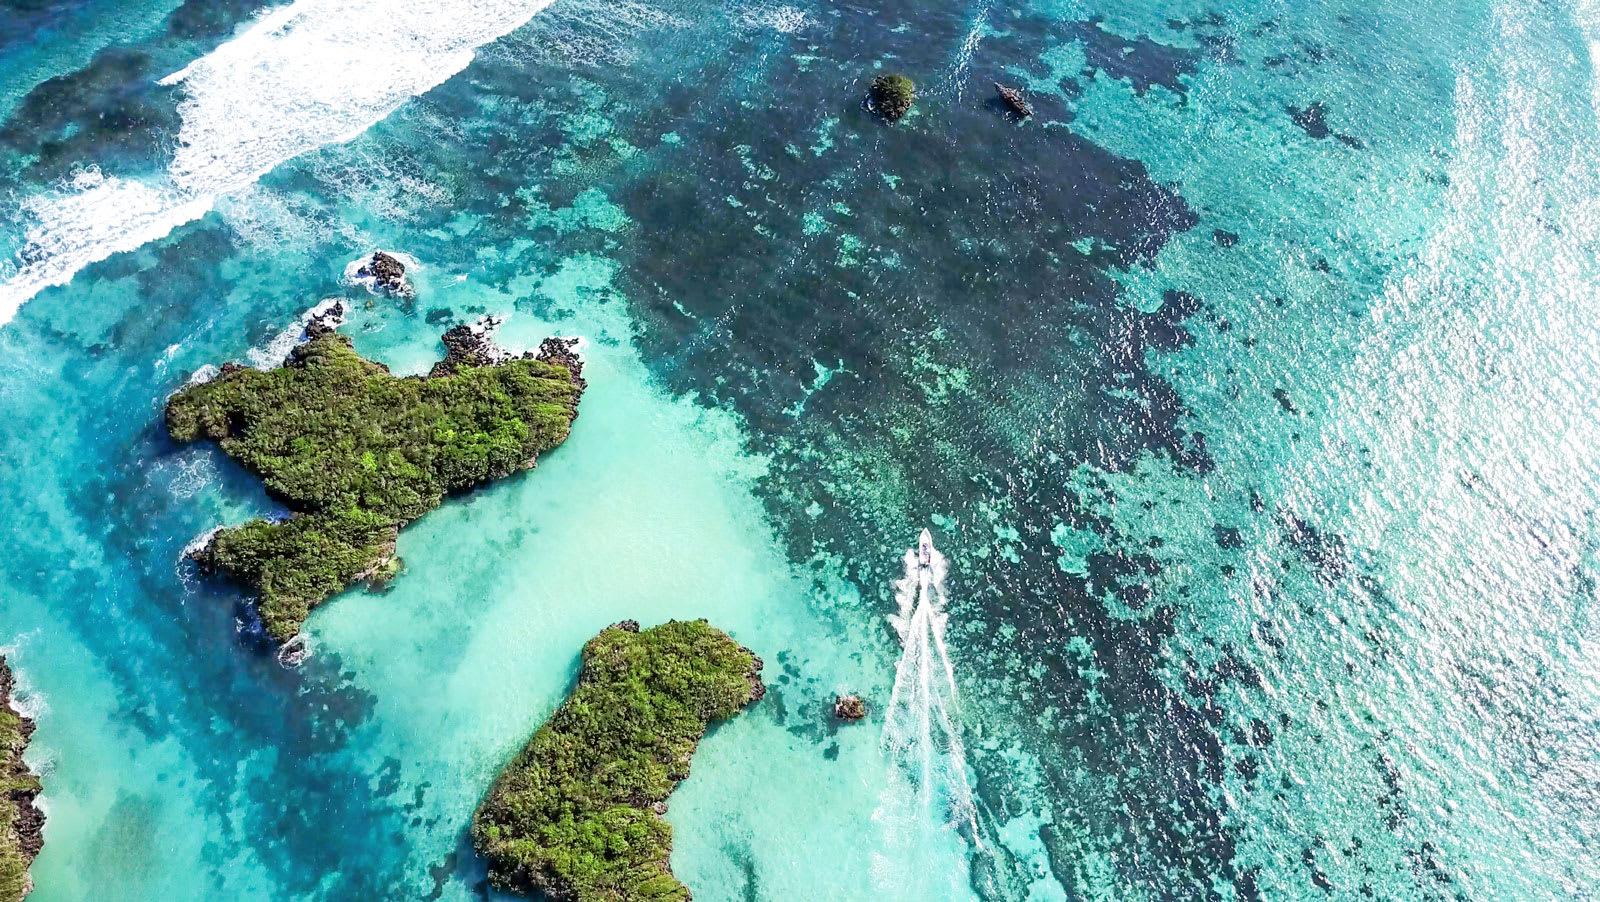 كيف يمكن للمسافرين حماية الجزر الخارجية لسيشيل التي توقف بها الزمن